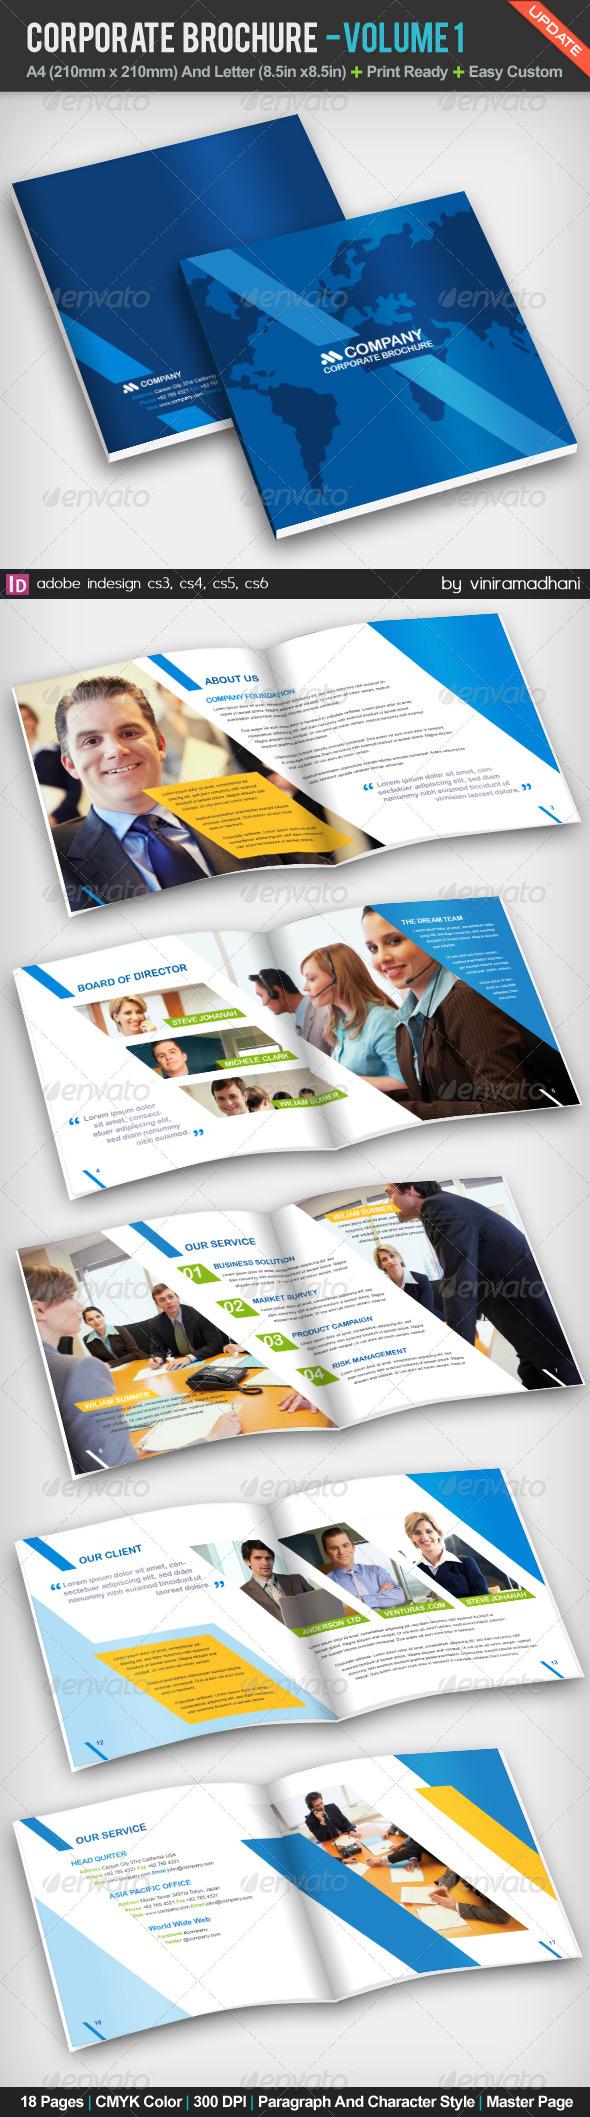 GraphicRiver Corporate Brochure Volume 1 5226184